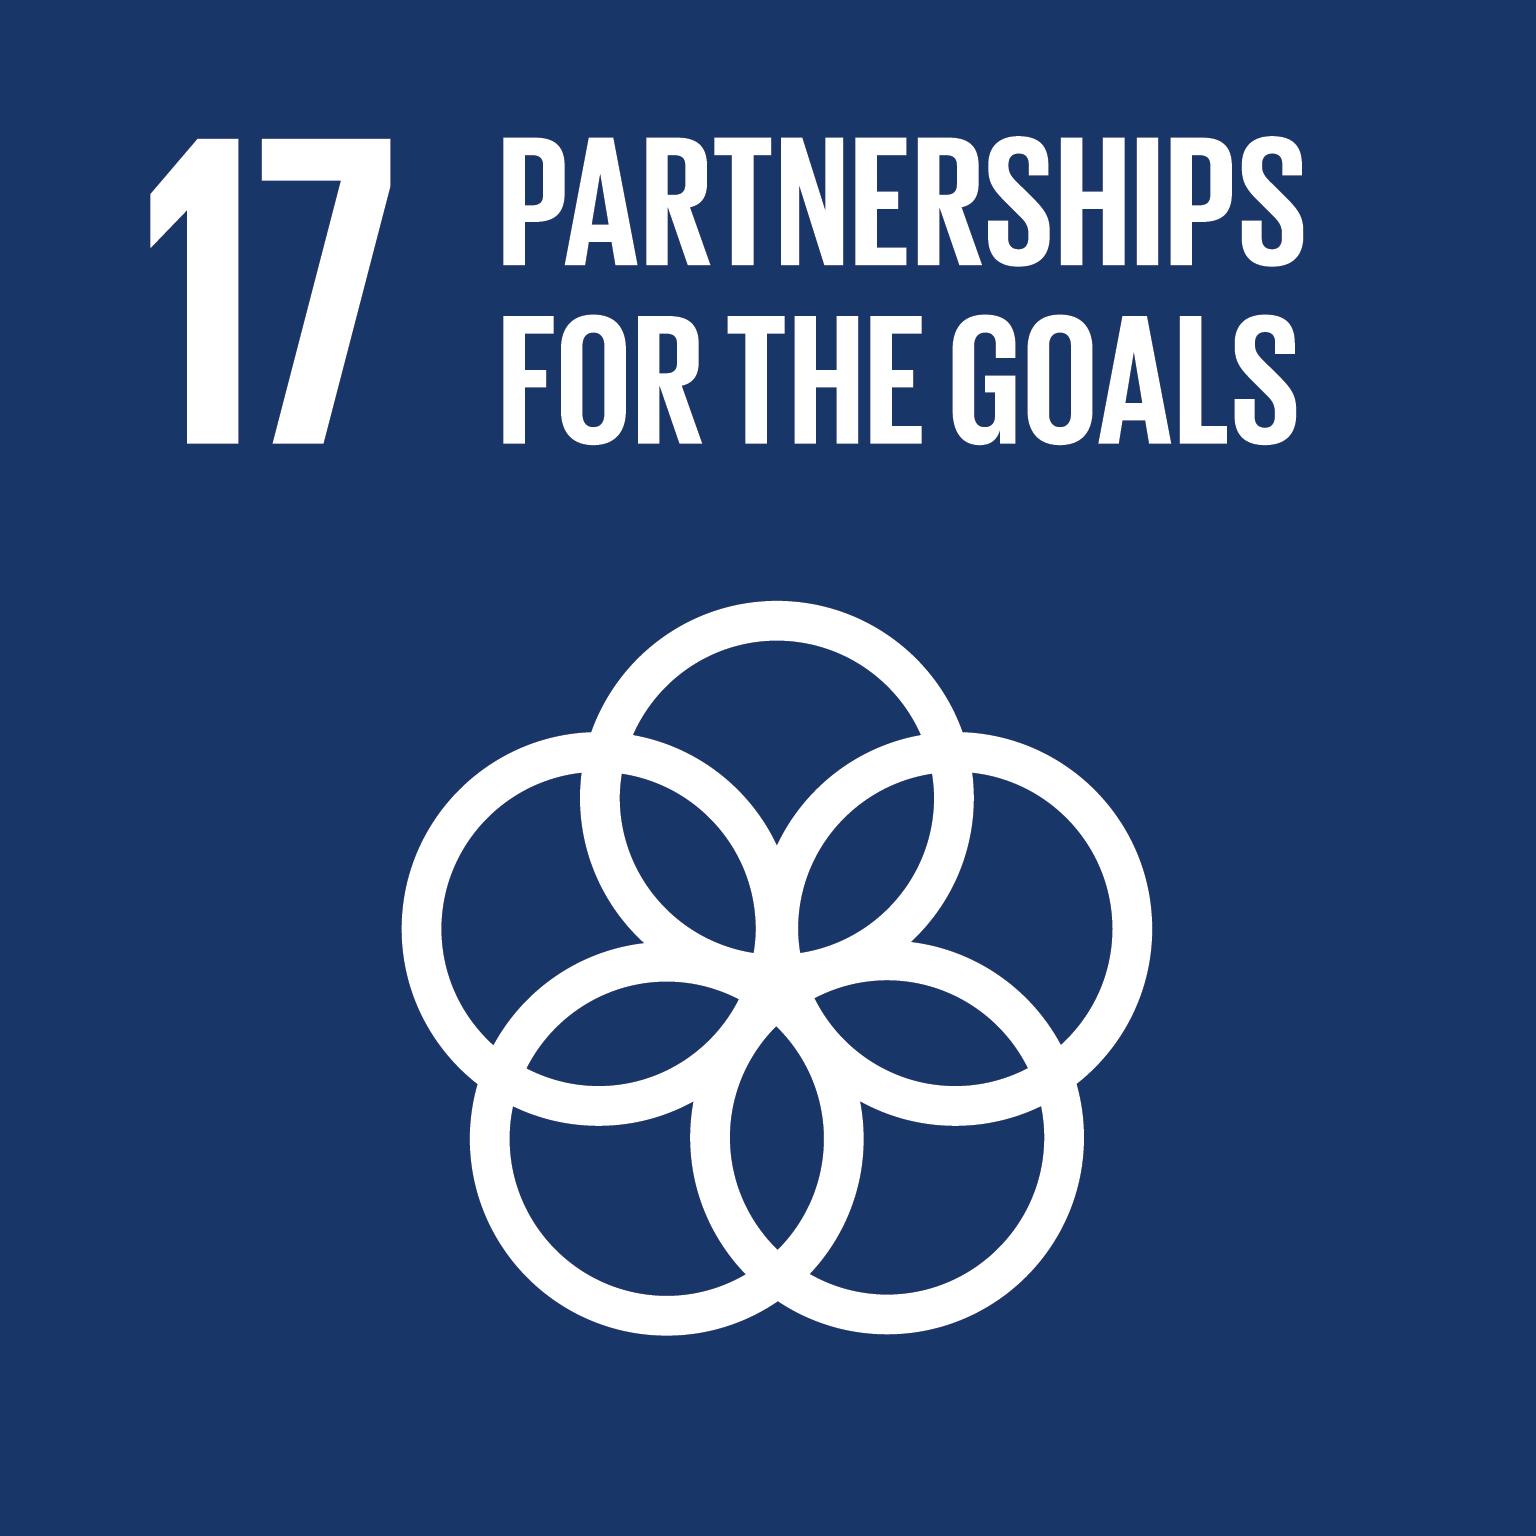 17 Partnerships for the Goals SDG